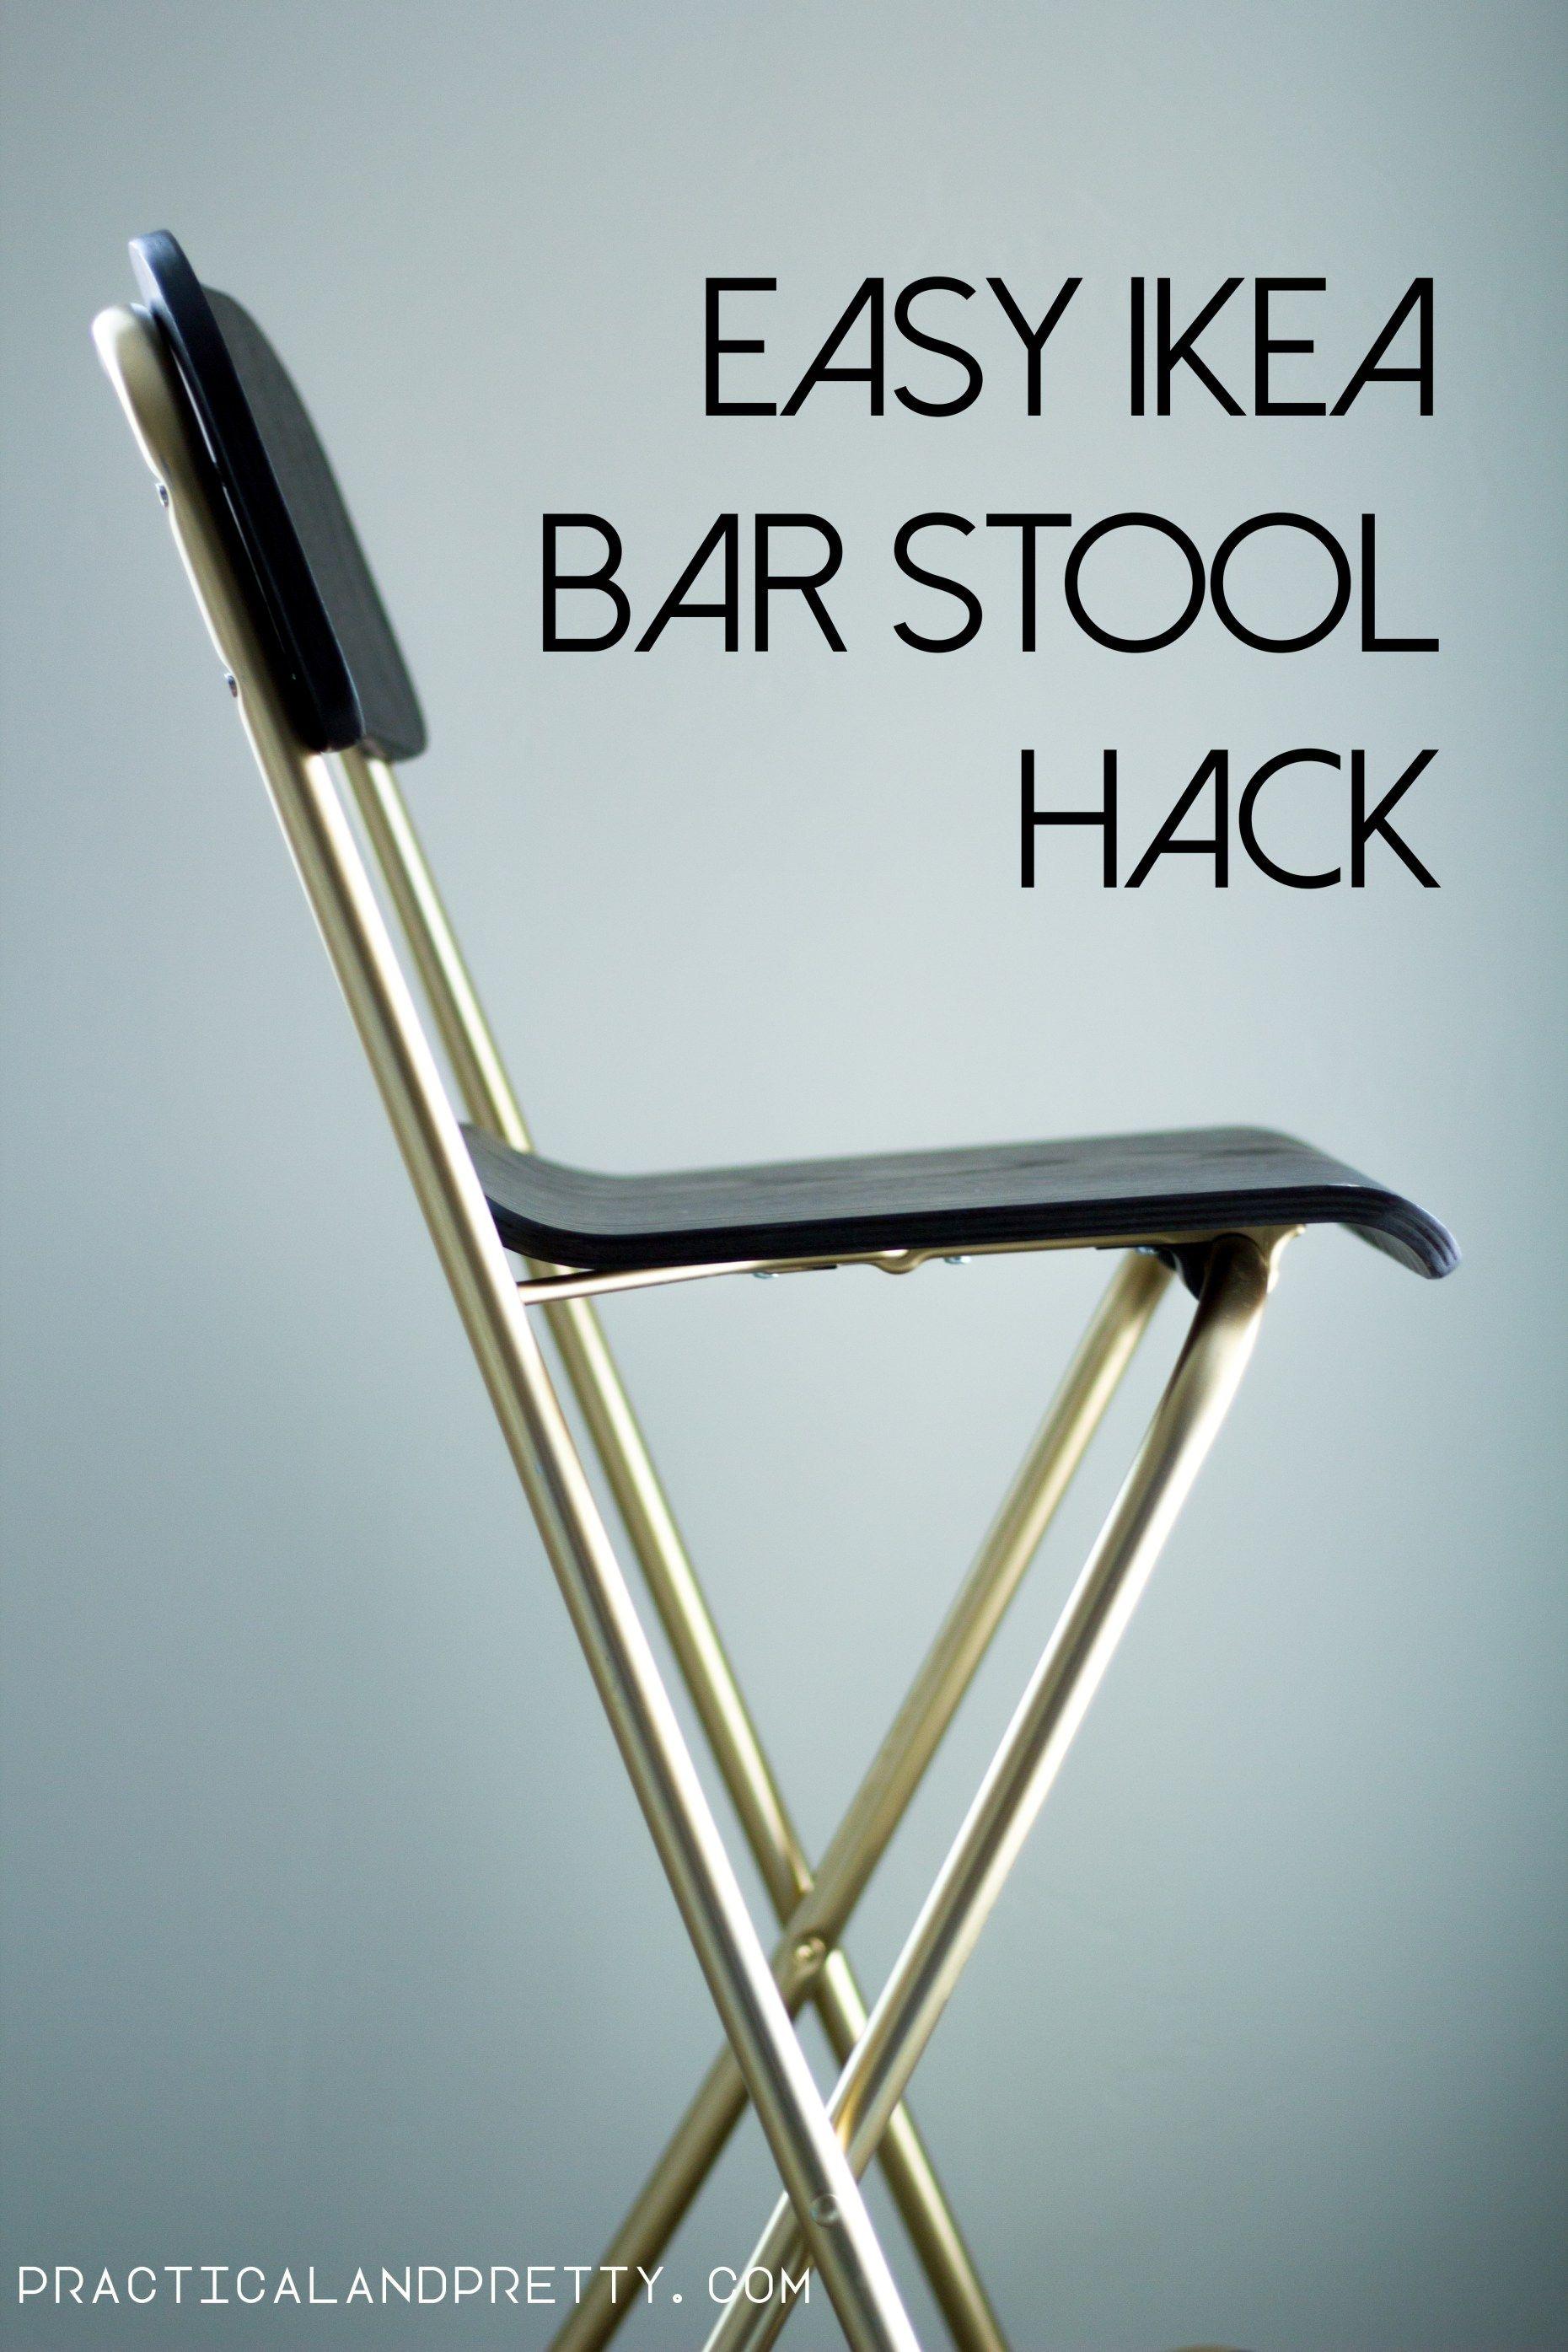 Pleasant 40 Easy Ikea Bar Stool Diy Practical And Pretty Diy Bar Ibusinesslaw Wood Chair Design Ideas Ibusinesslaworg